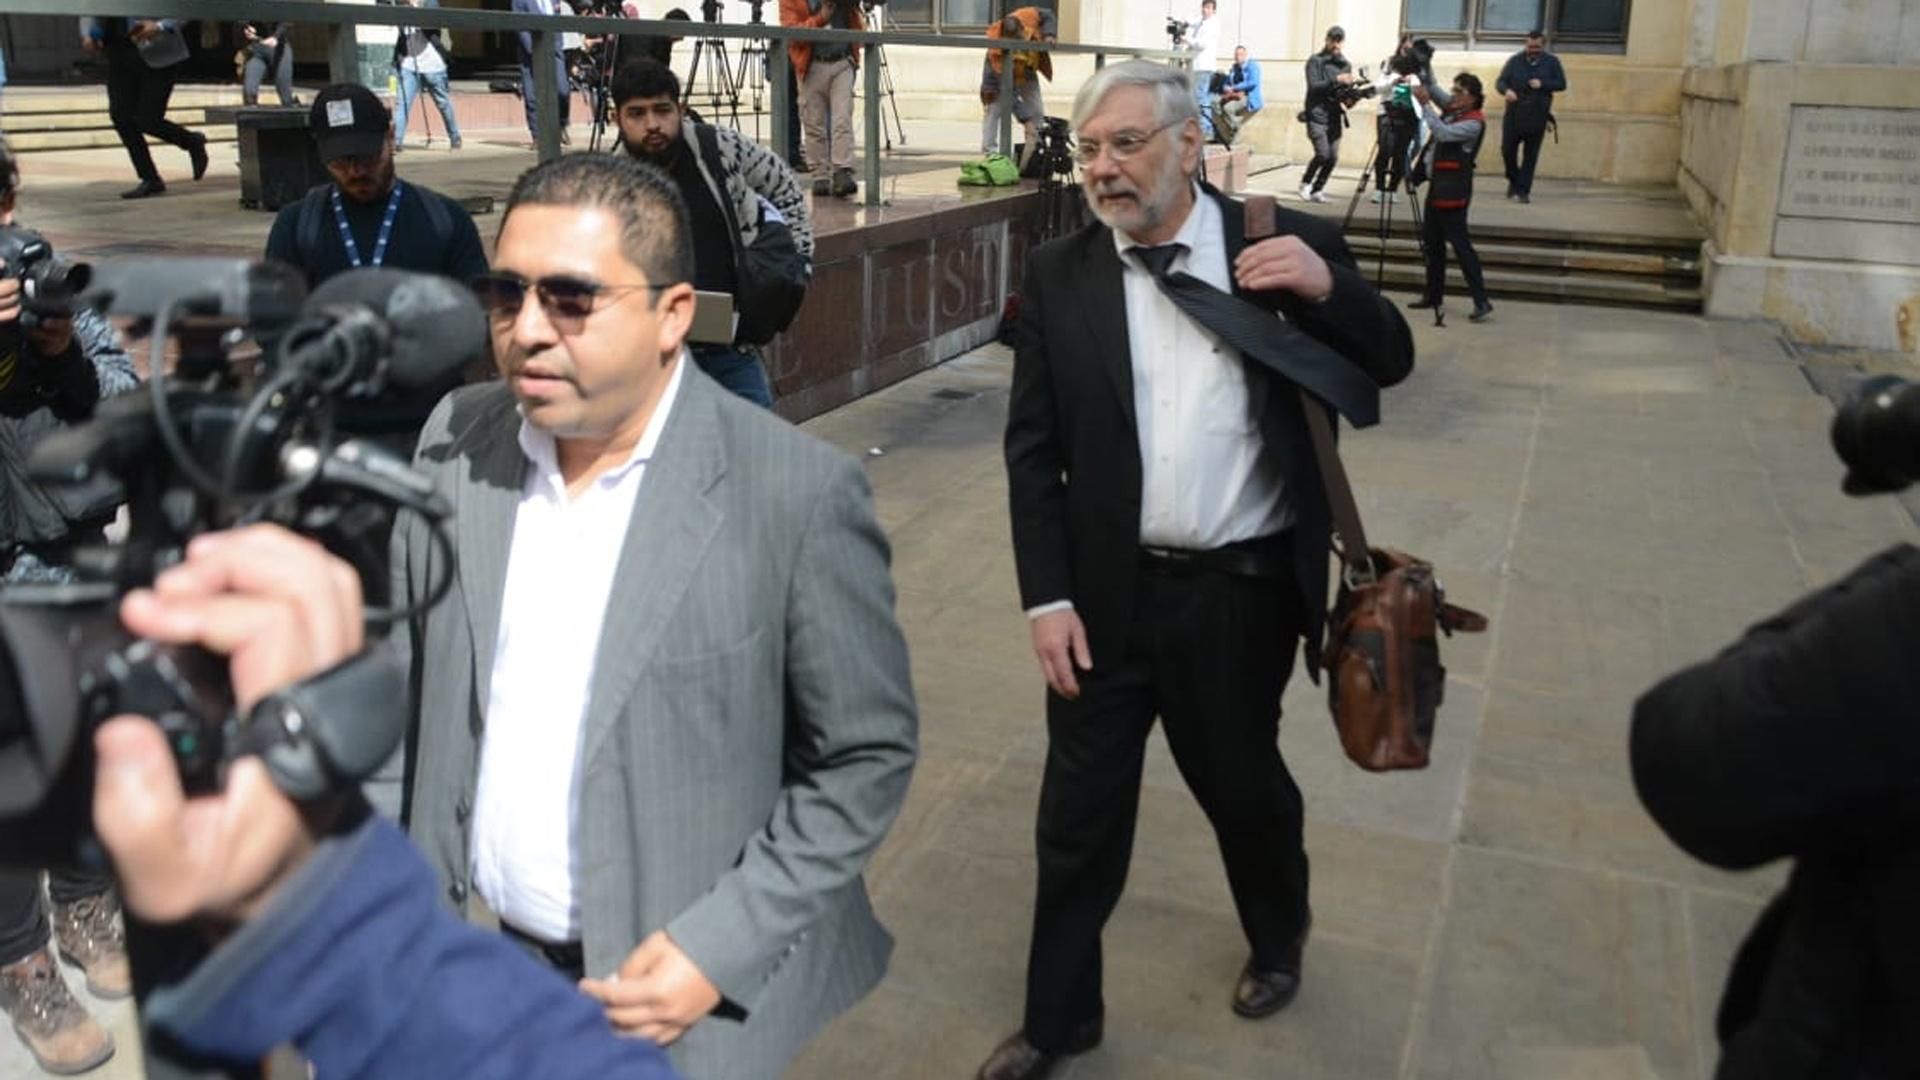 Los abogados Santrich, Gustavo Gallardo (de gris) y Eduardo Matyas (de negro), llegando a la Corte Suprema de Justicia.